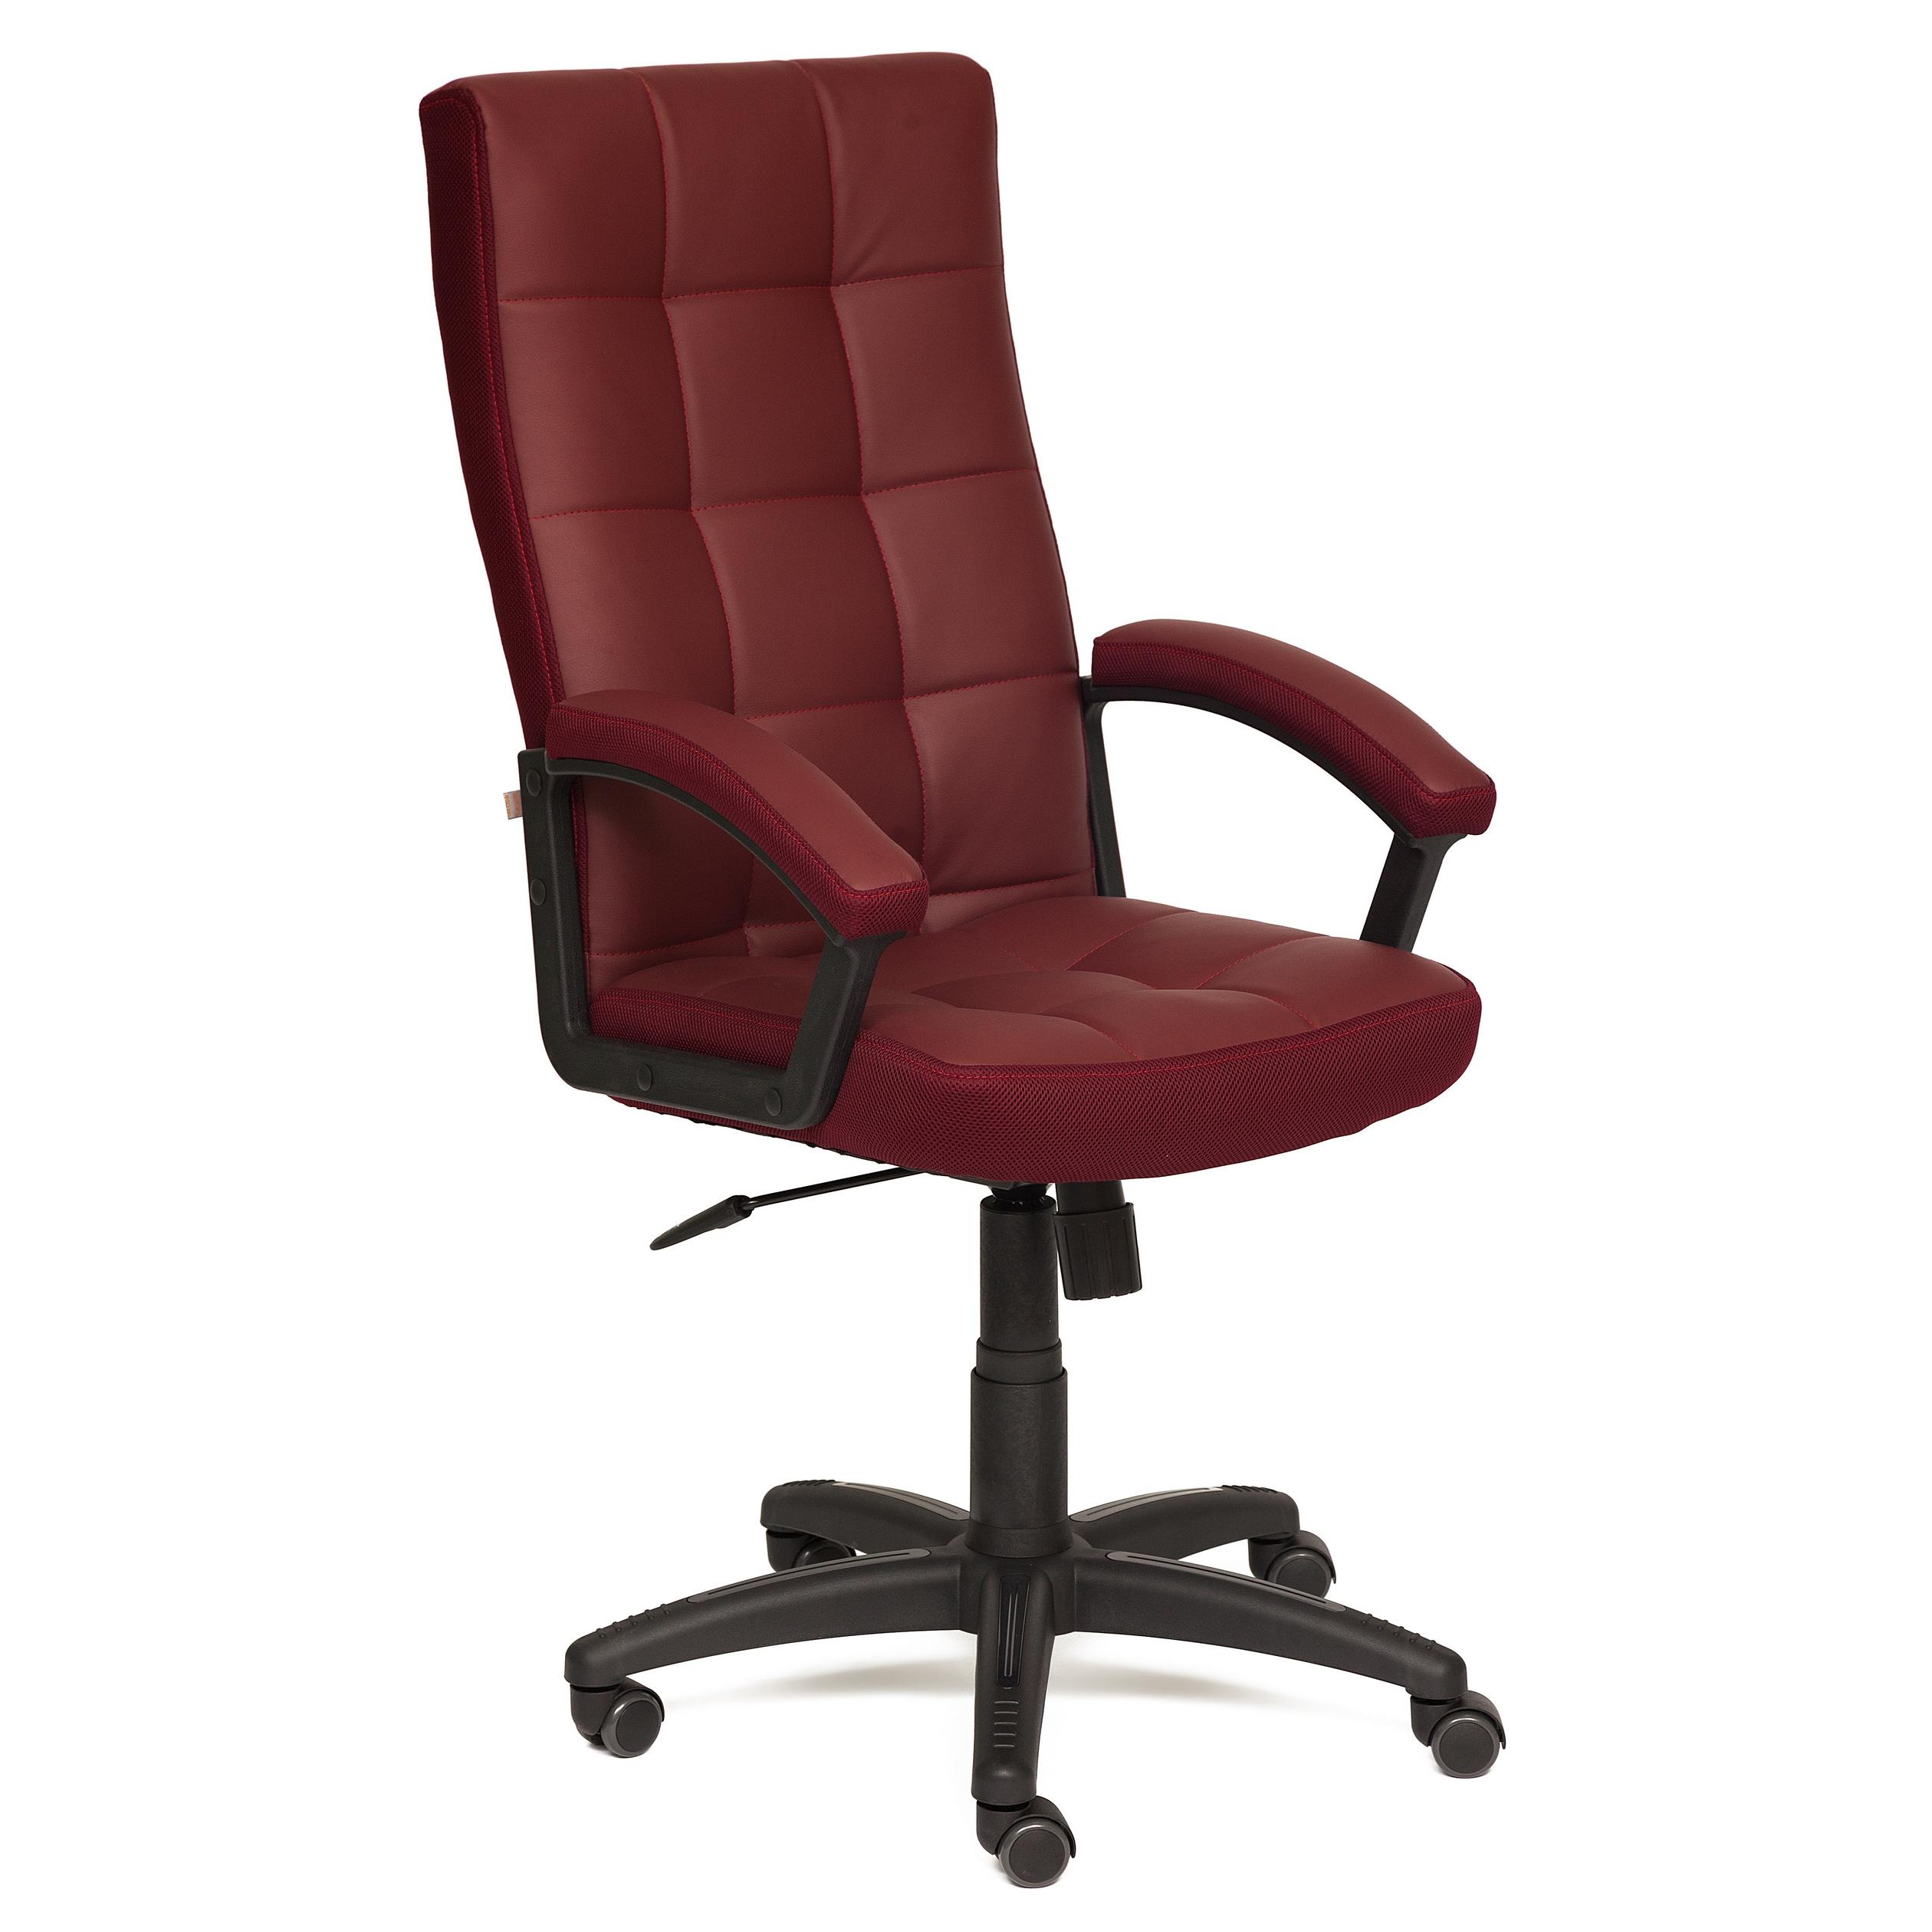 Компьютерное кресло TetChair Trendy, бордовый